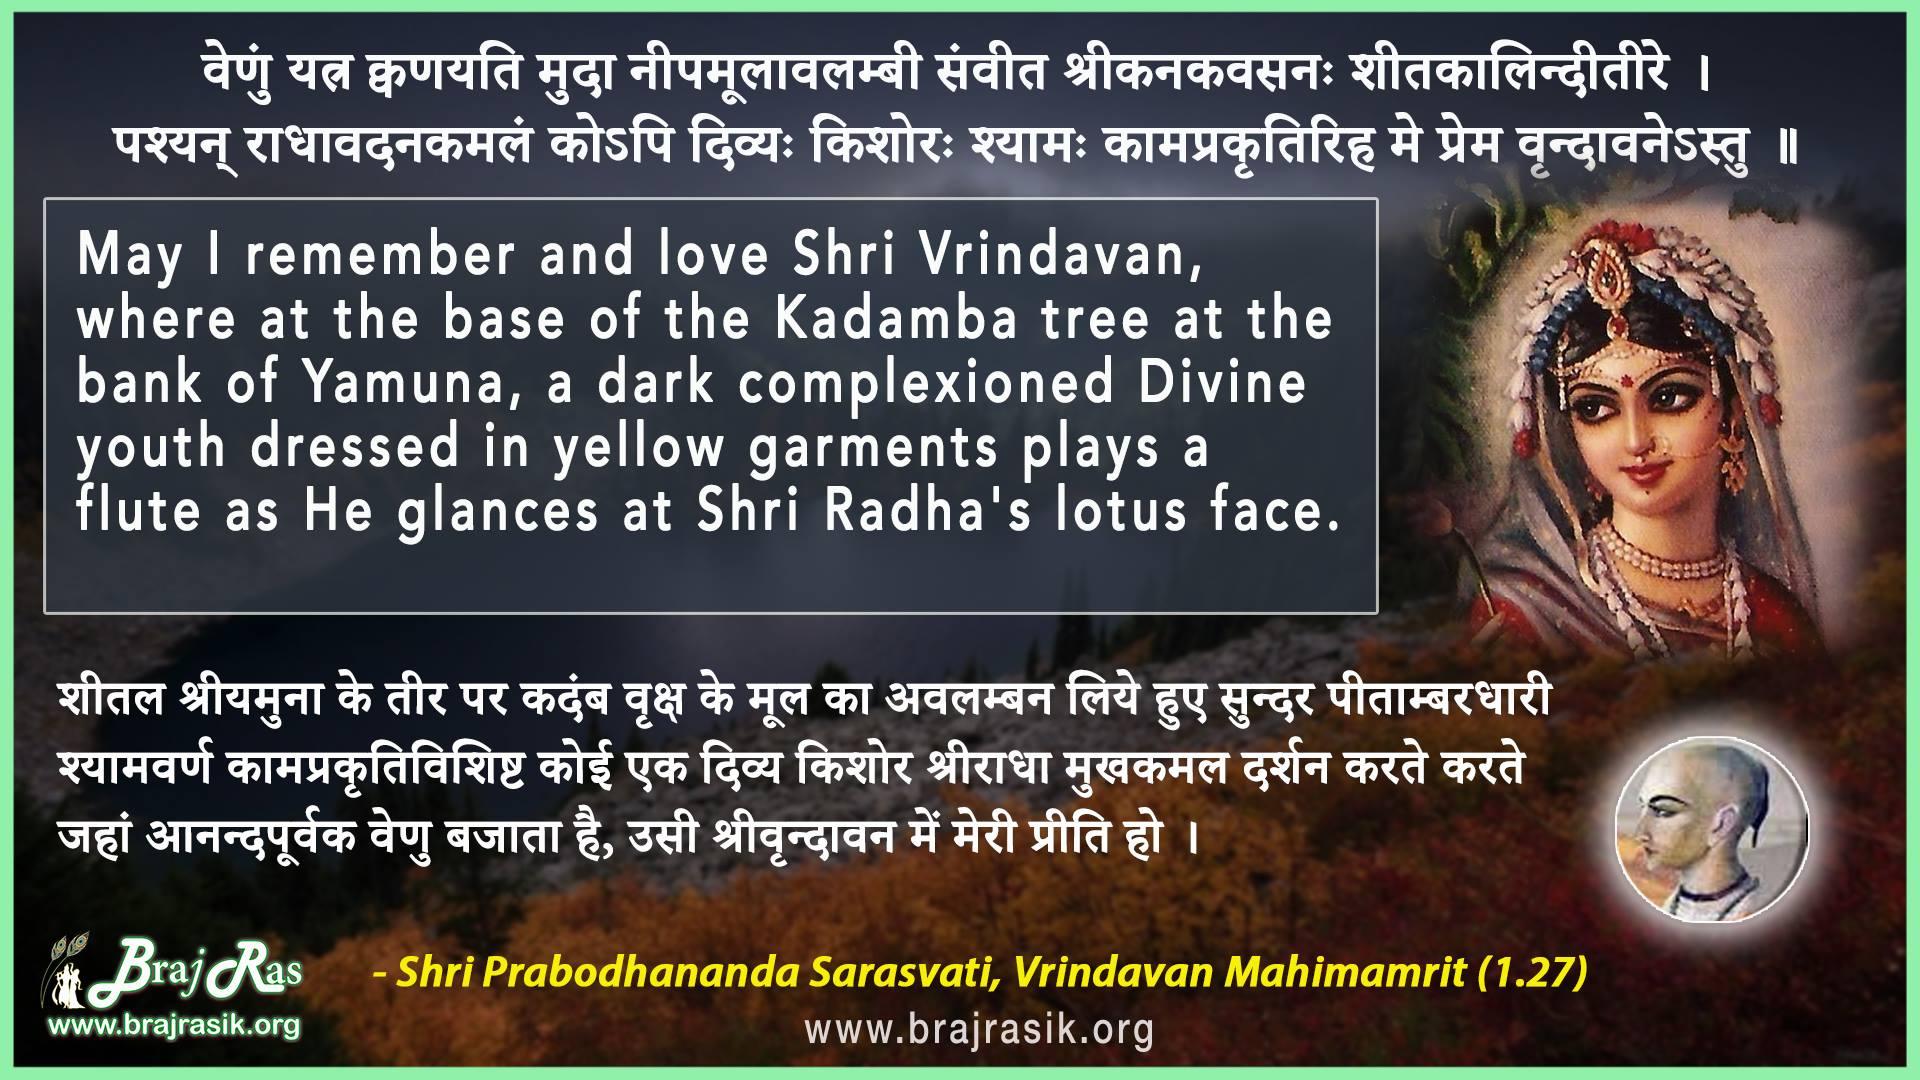 Venum Yatra Kkanayati Muda - Shri Prabodhananda Sarasvati, Vrindavan Mahimamrit (1.27)